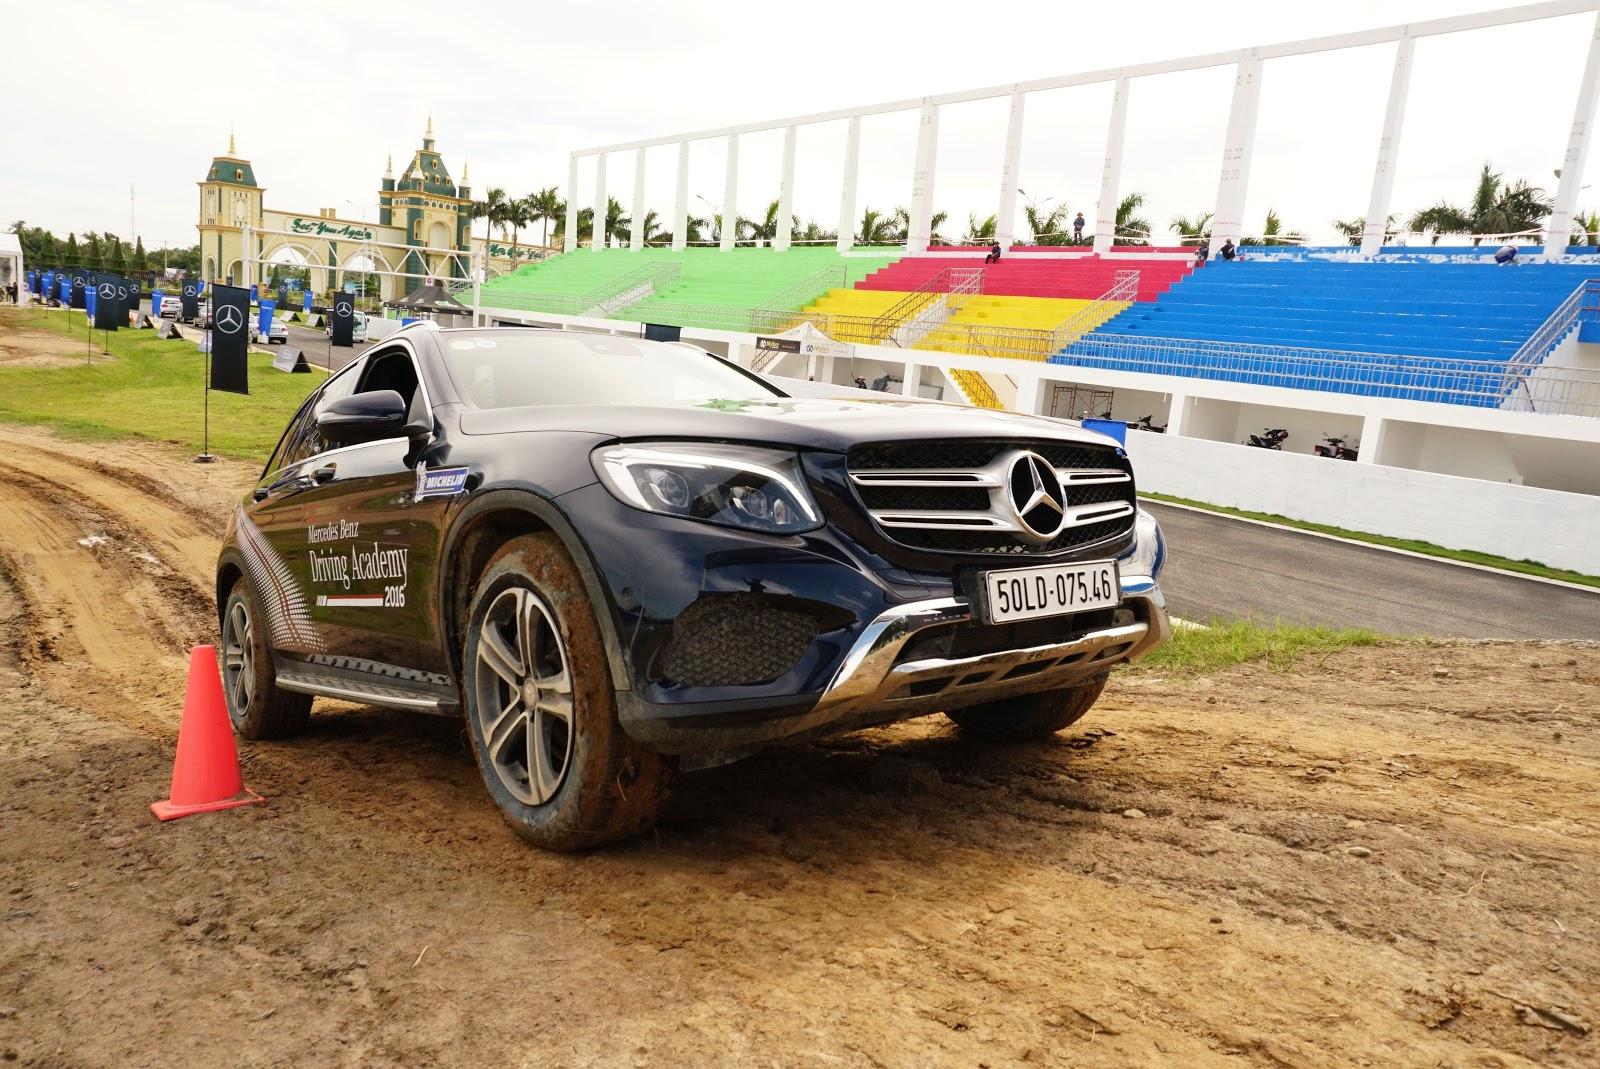 Dốc cao, bùn lầy, đá sỏi không thể làm khó những chiếc SUV của Mercedes Benz